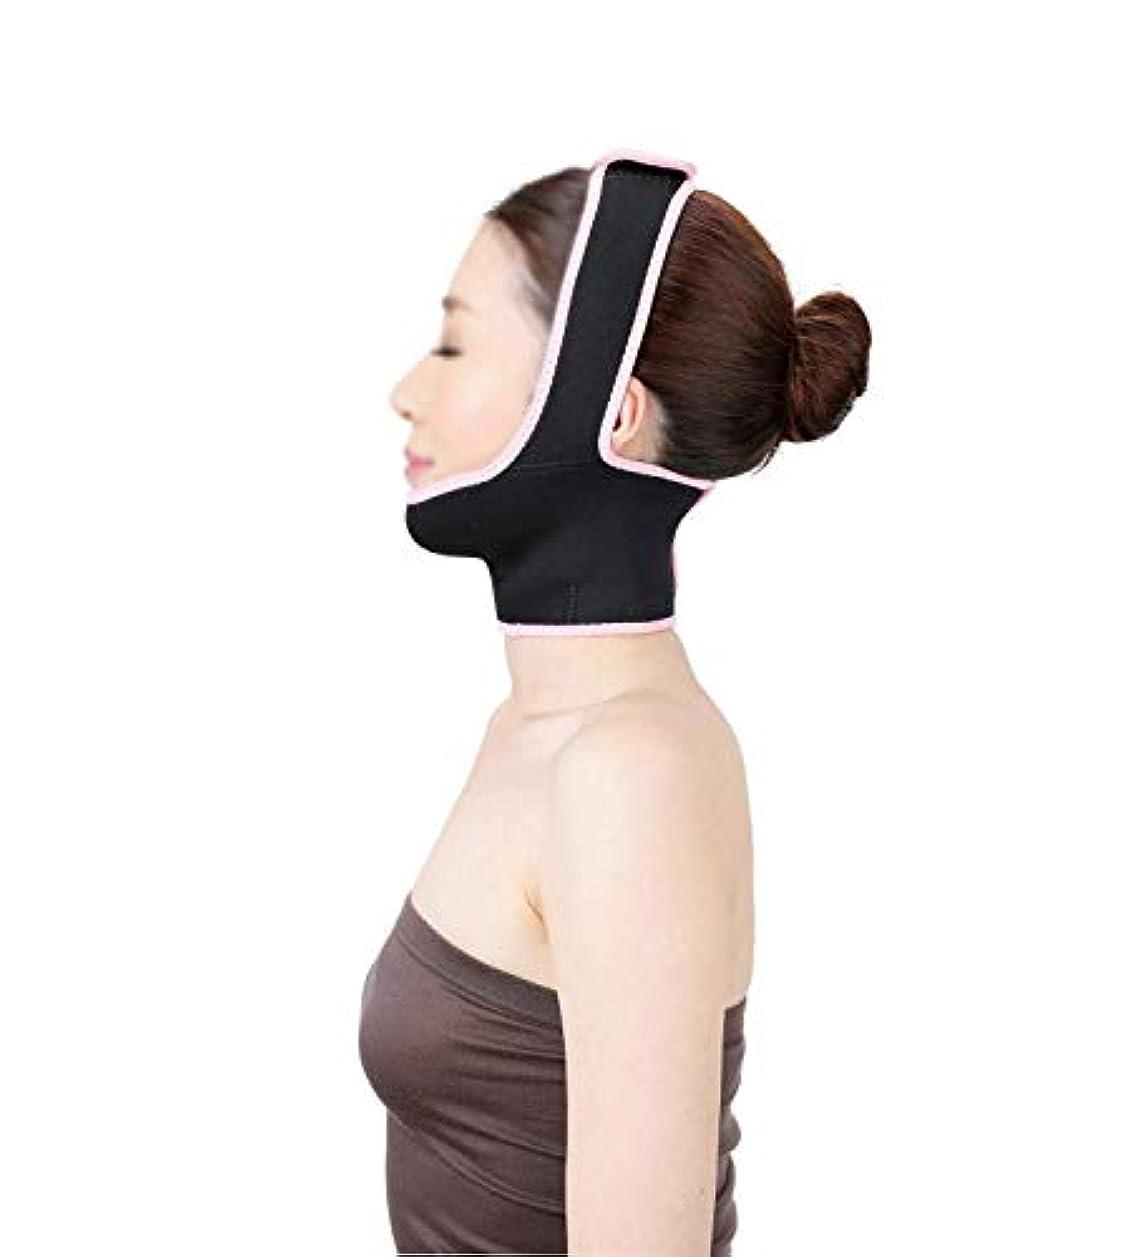 雑多な抑制する理解フェイスリフトマスク、あごストラップ回復ポスト包帯ヘッドギアフェイスマスク顔薄いフェイスマスクアーティファクト美容顔と首リフトブラックマスク